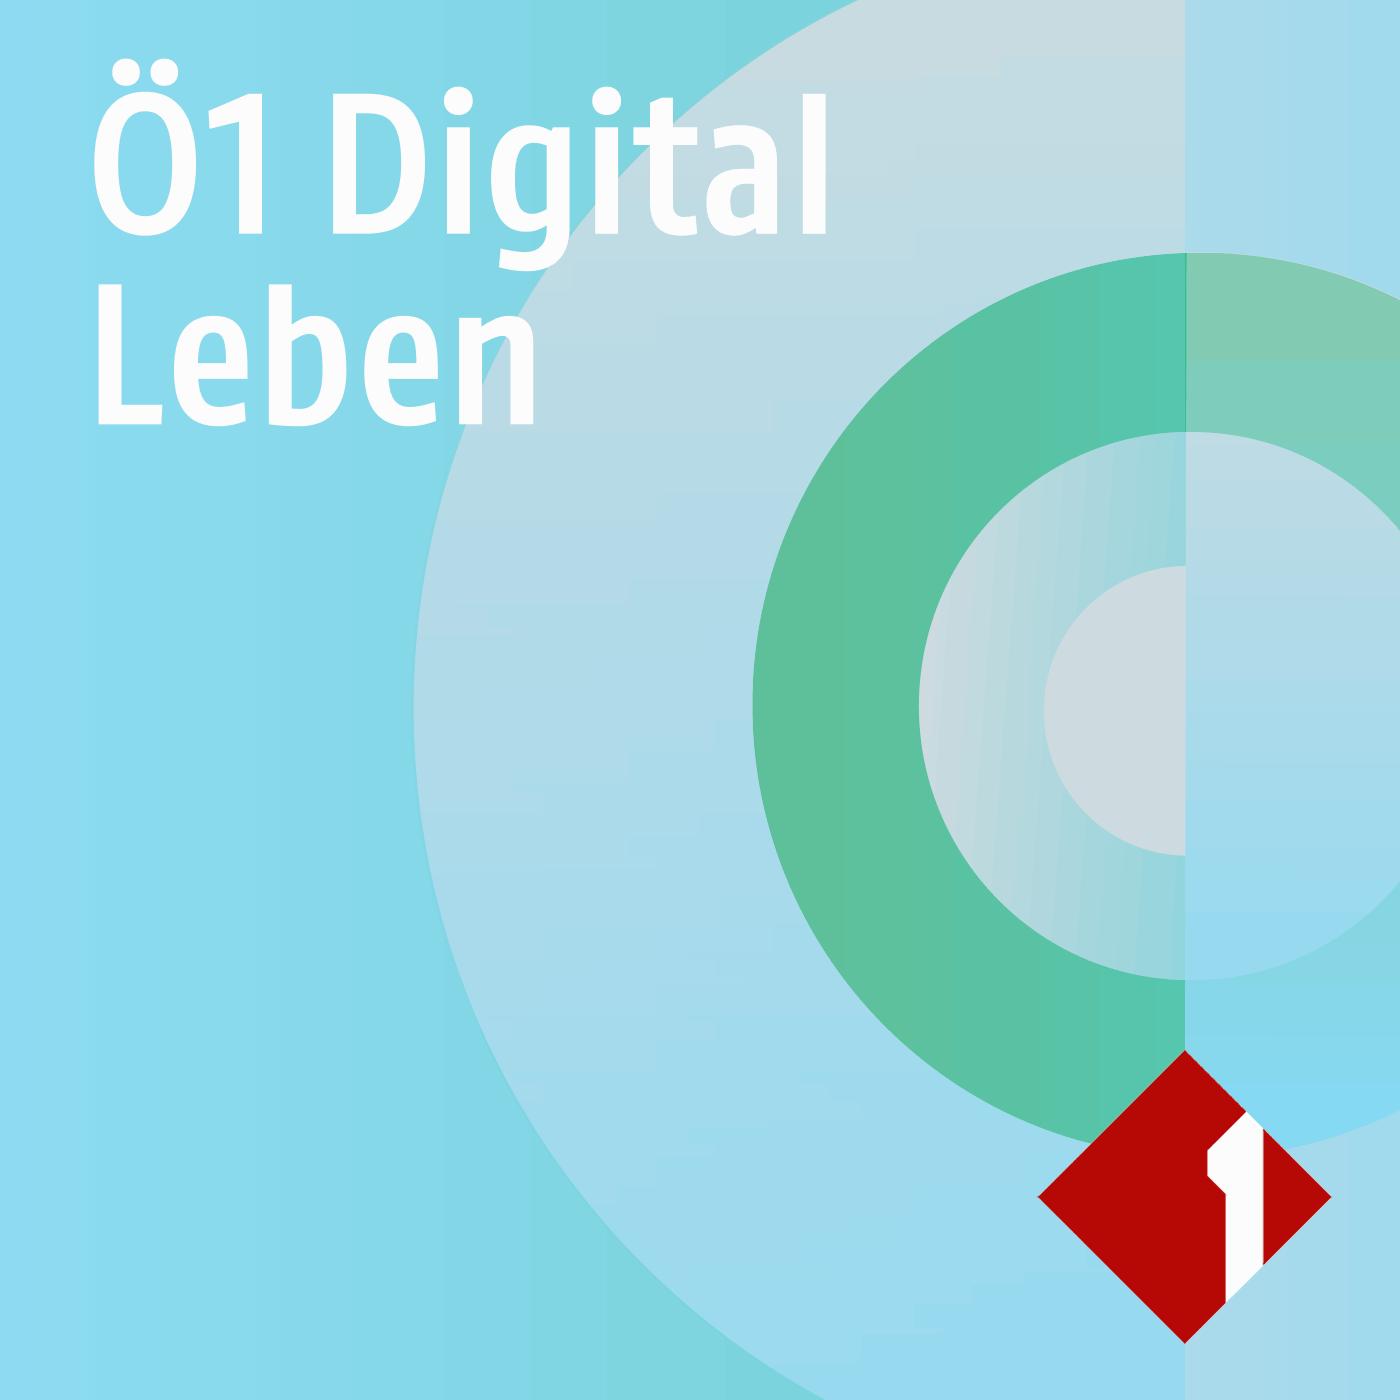 Ö1 Digital Leben